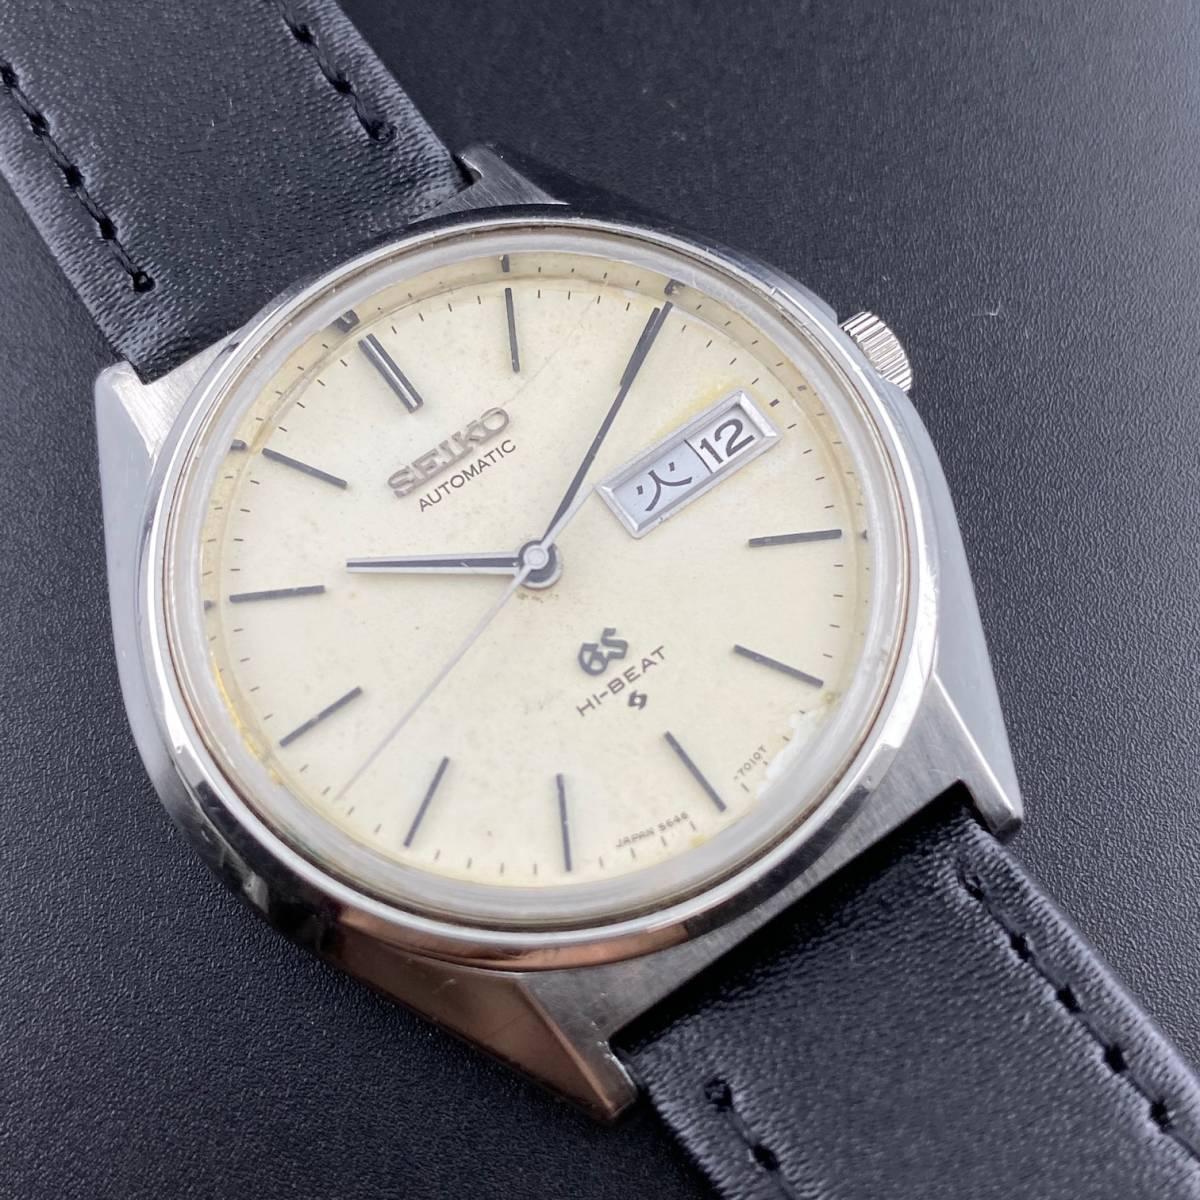 【1円~】GRAND SEIKO グランドセイコー 腕時計 メンズ 自動巻 HI-BEAT ハイビート デイデイト 可動品_画像6